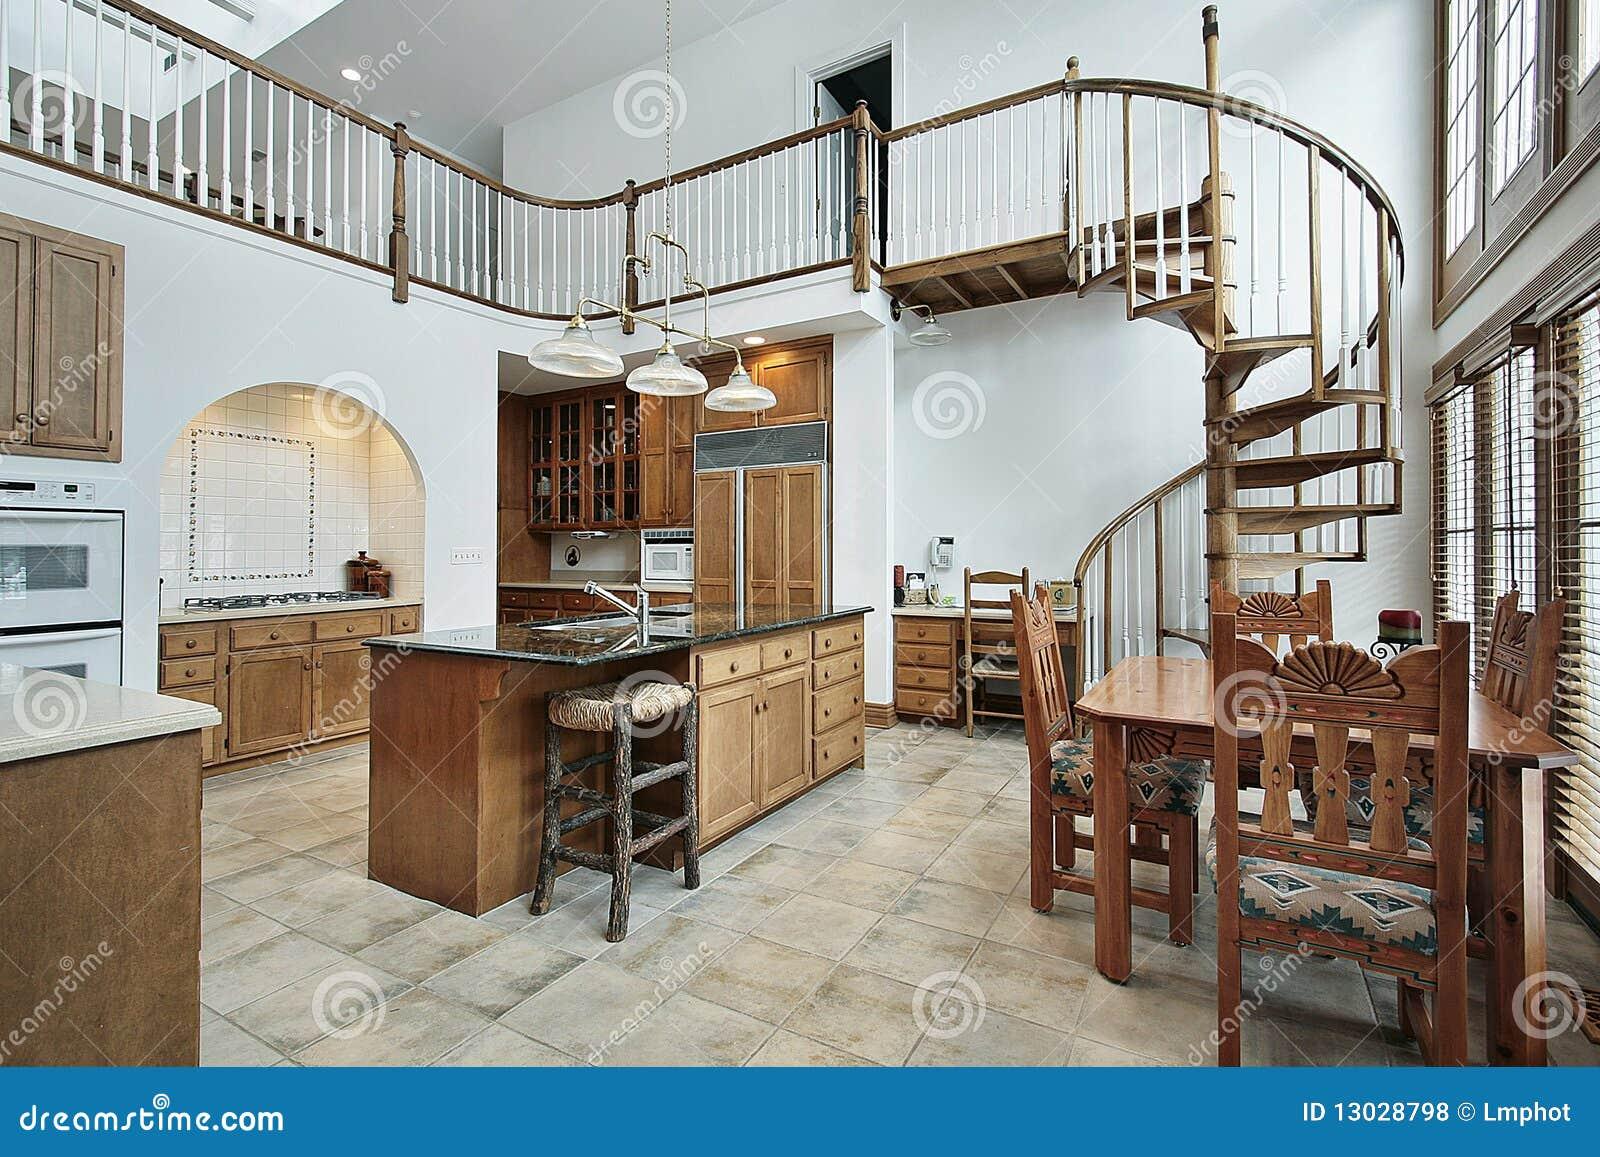 große küche mit gewundenem treppenhaus zum zweiten stock ... - Große Küche